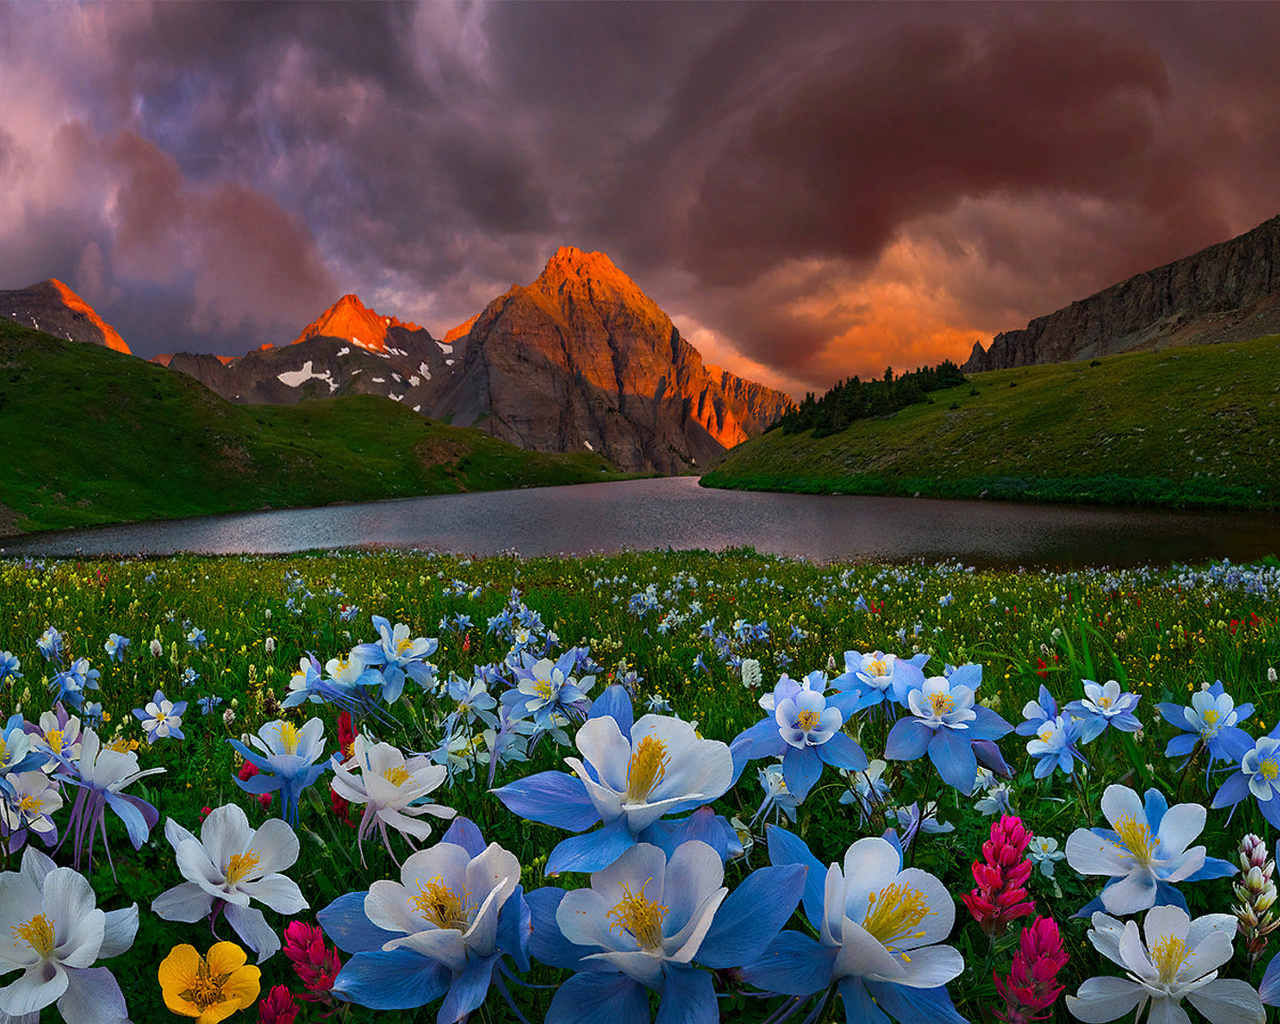 bsam, колорадо, природа, пейзаж, горы, холмы, луга, озеро, цветы, тучи, закат